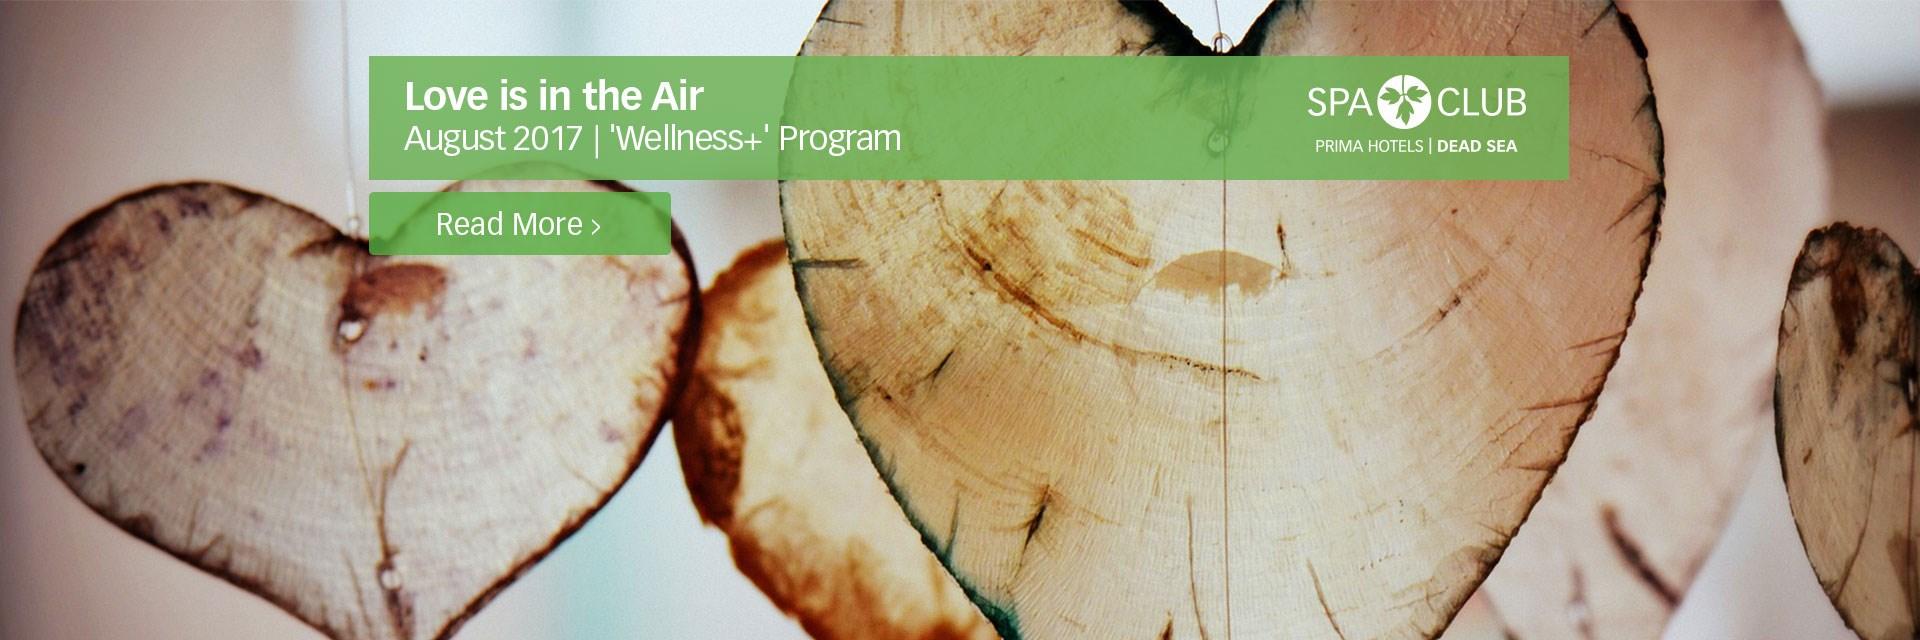 Wellness+ August - Love